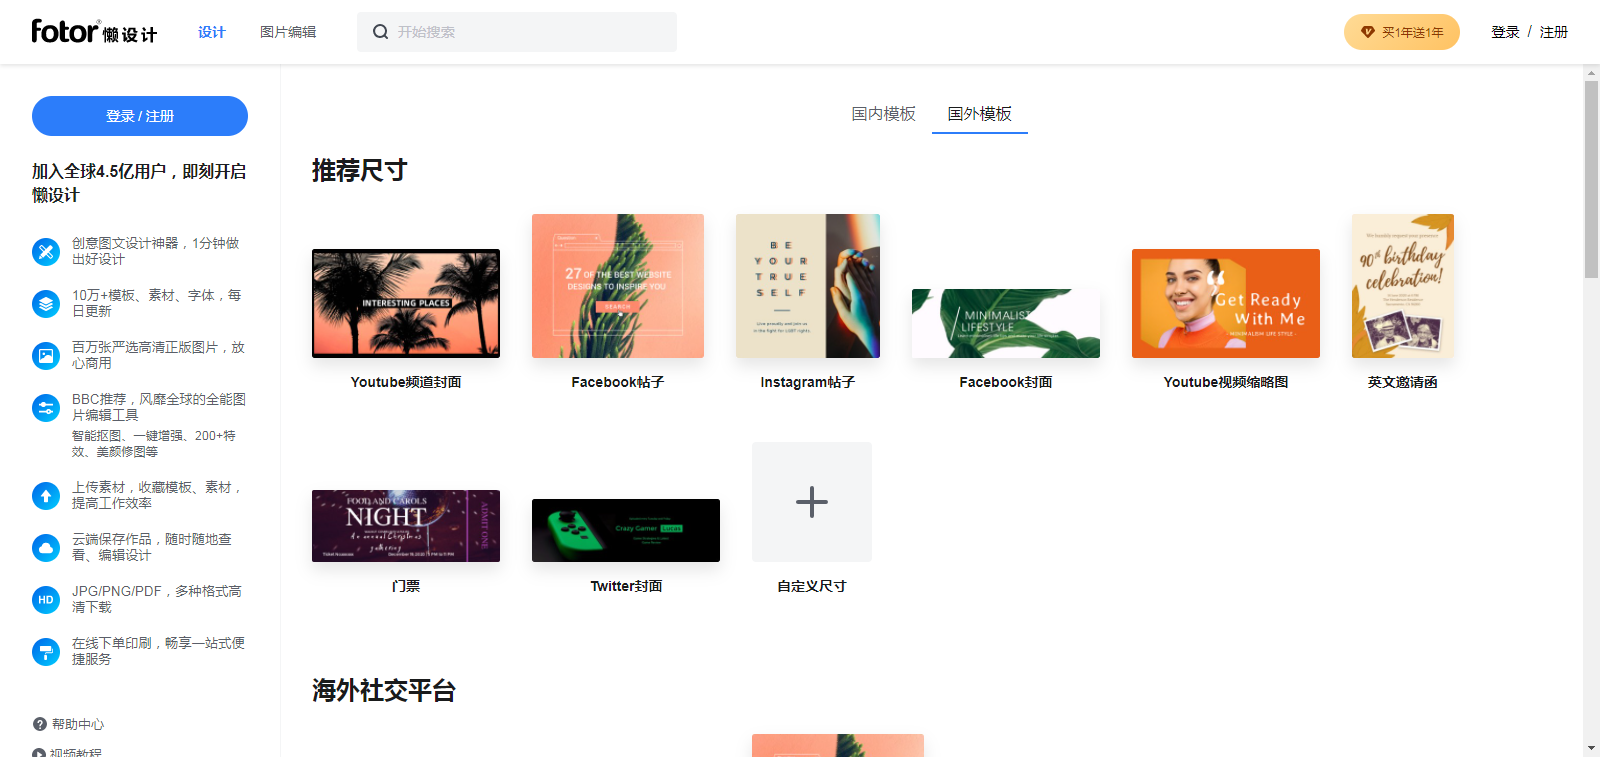 新手小白也能做出好图的在线设计工具 — Fotor懒设计